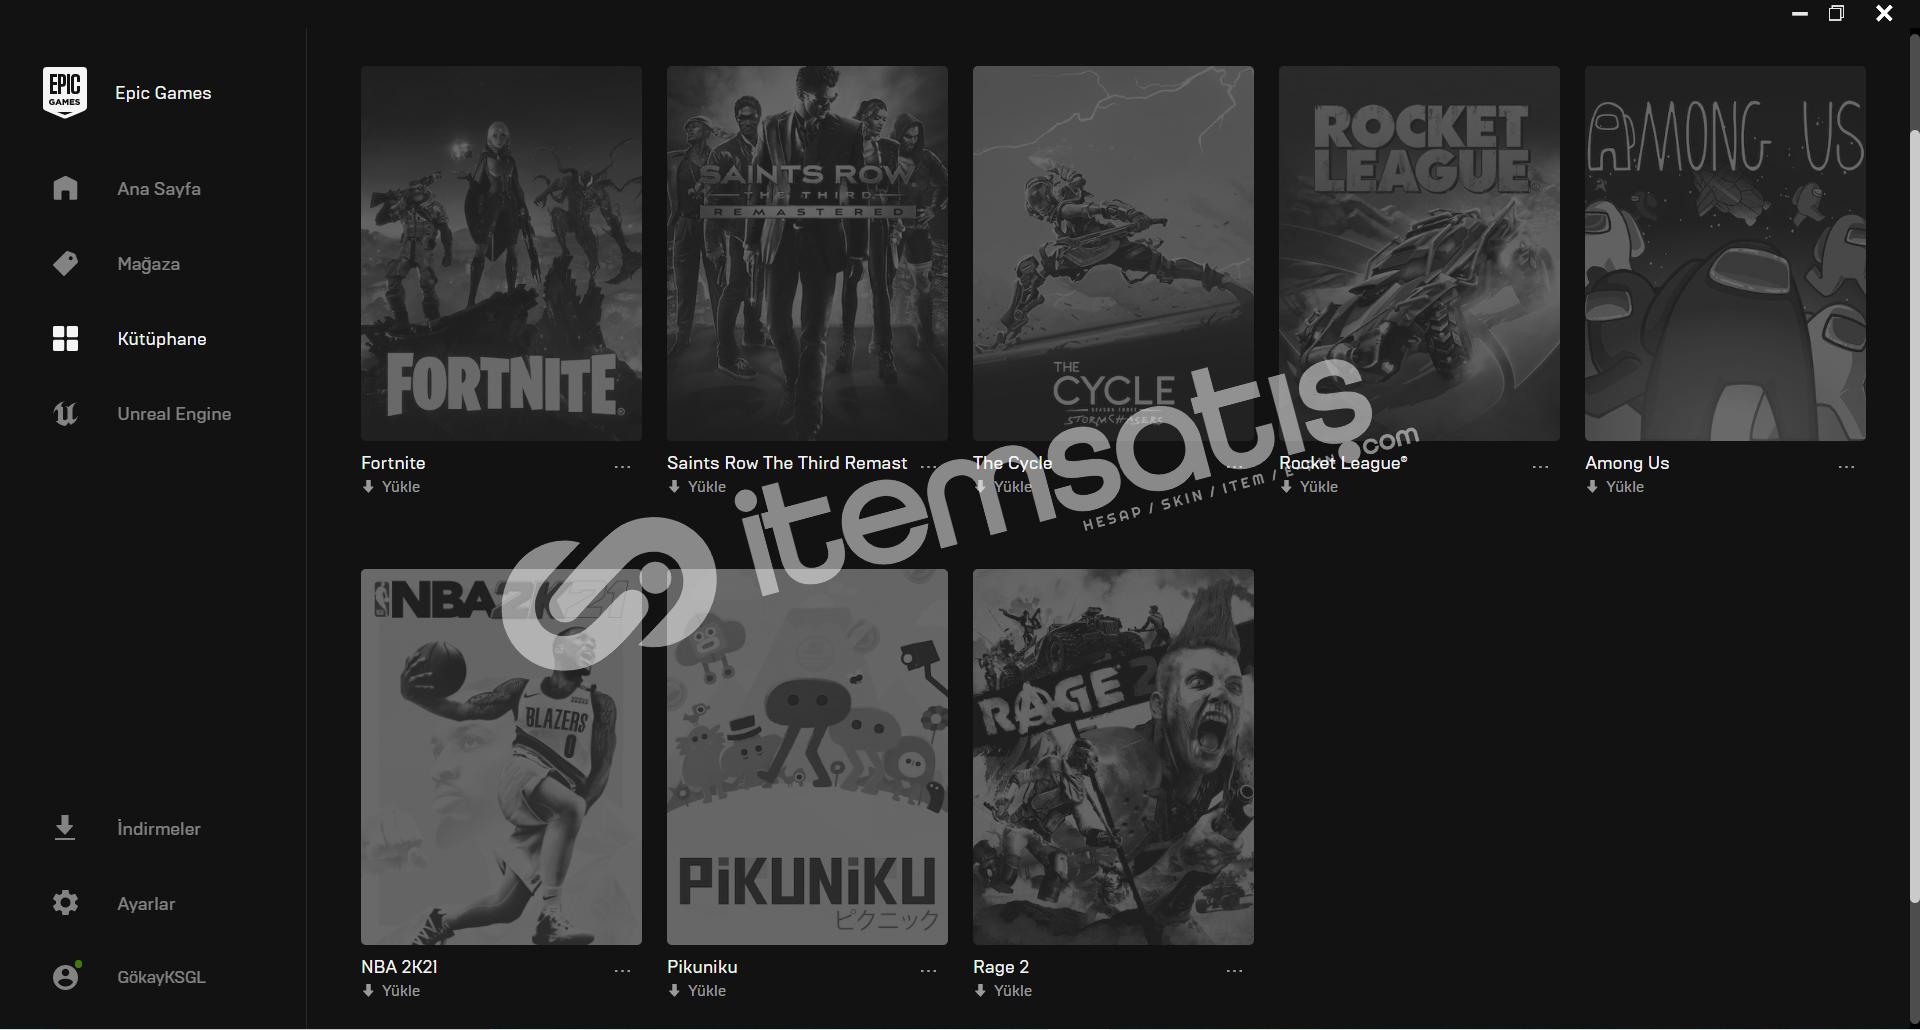 (900 TL değerinde) Uygun Epic Games hesabı